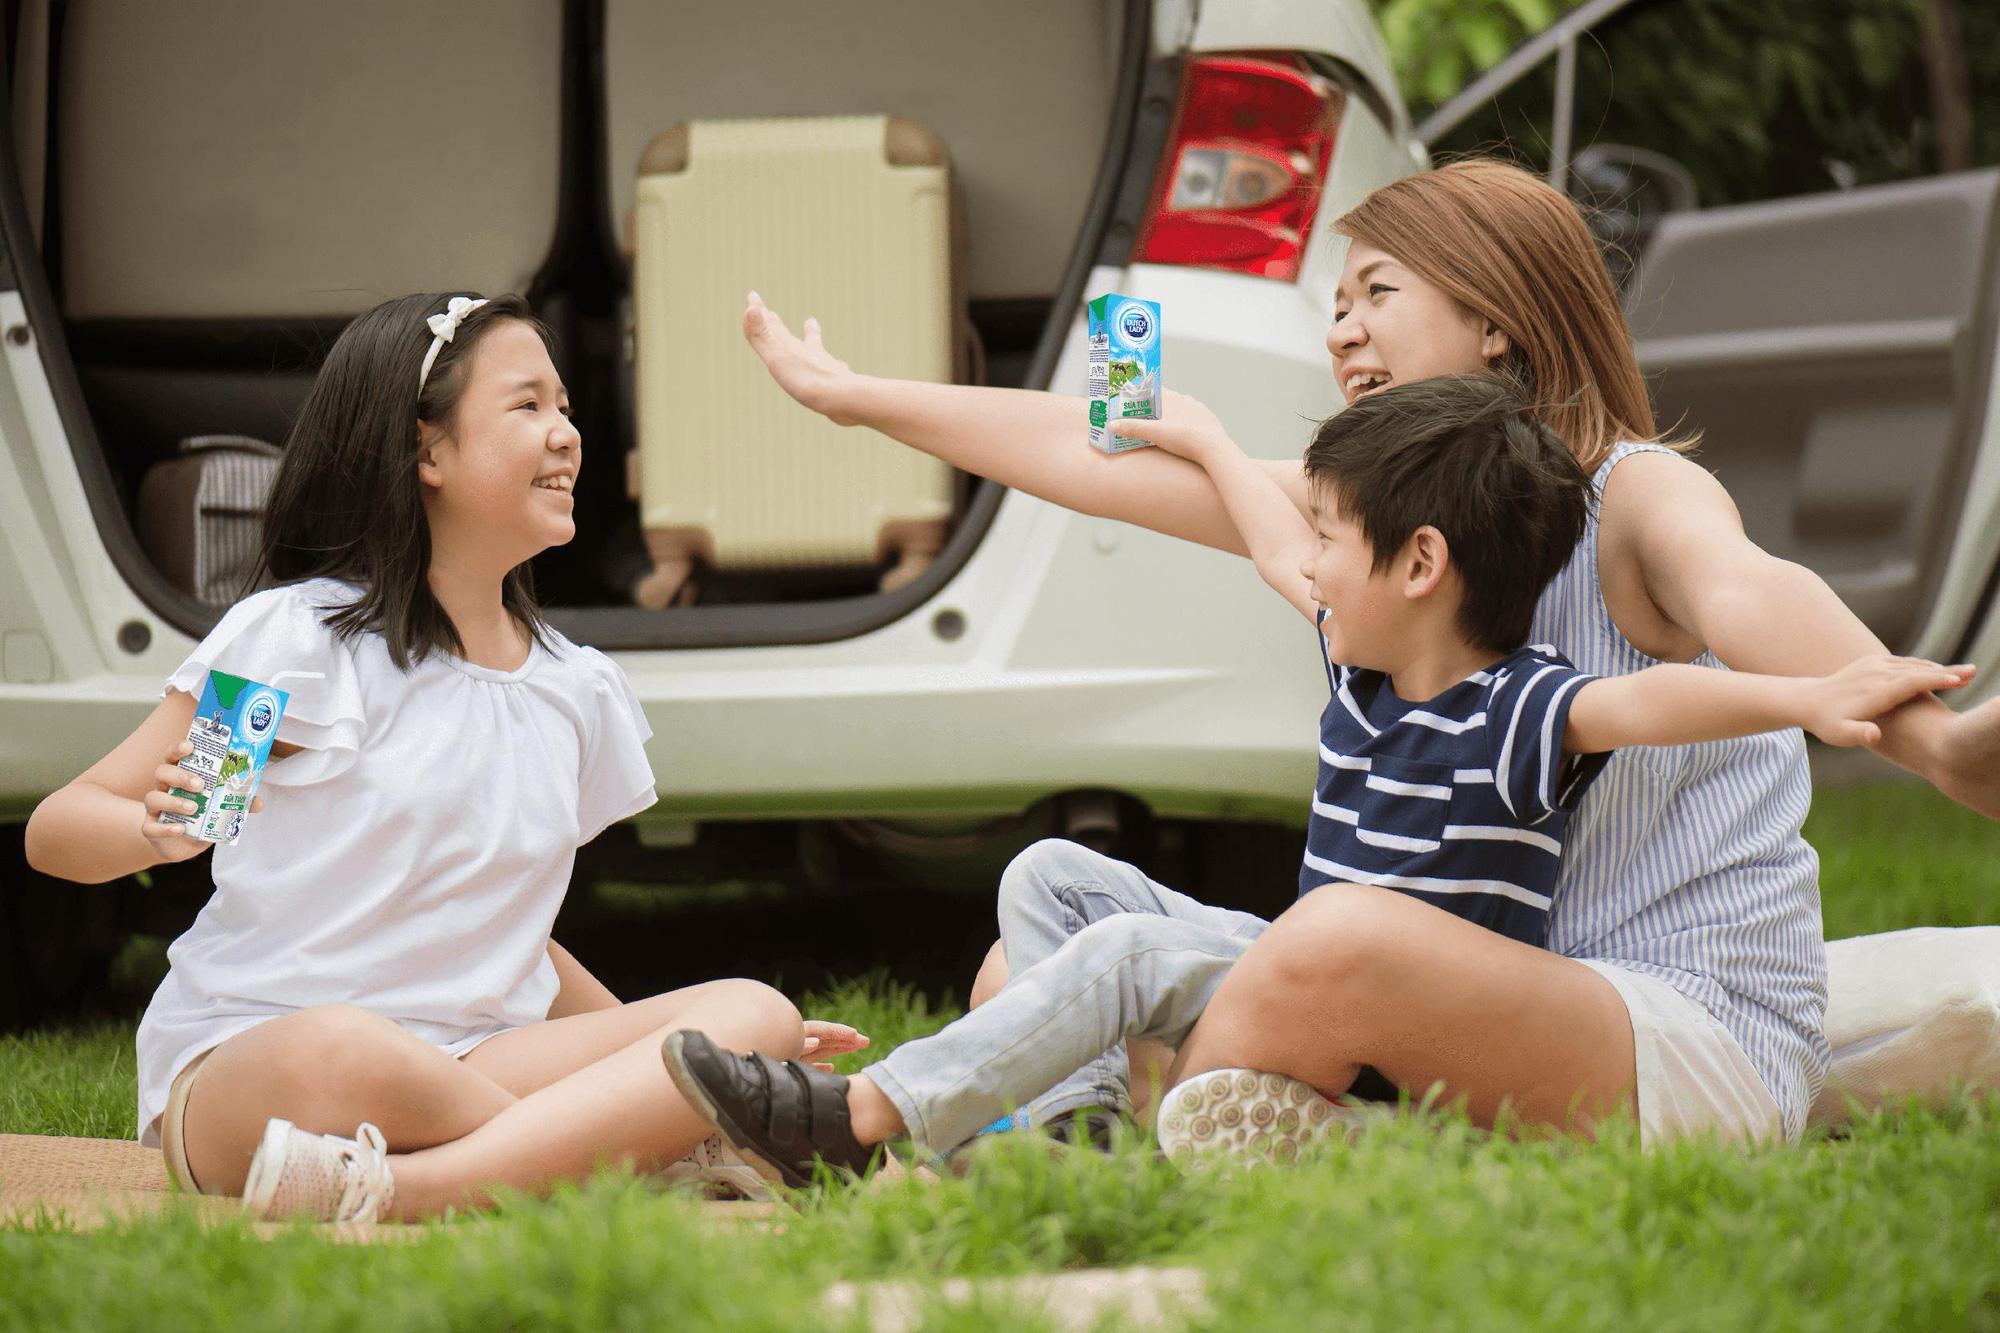 Dinh dưỡng mùa tựu trường: Hóa ra hộp sữa tươi giảm đường, giảm béo được đầu tư kỳ công đến thế! - Ảnh 1.